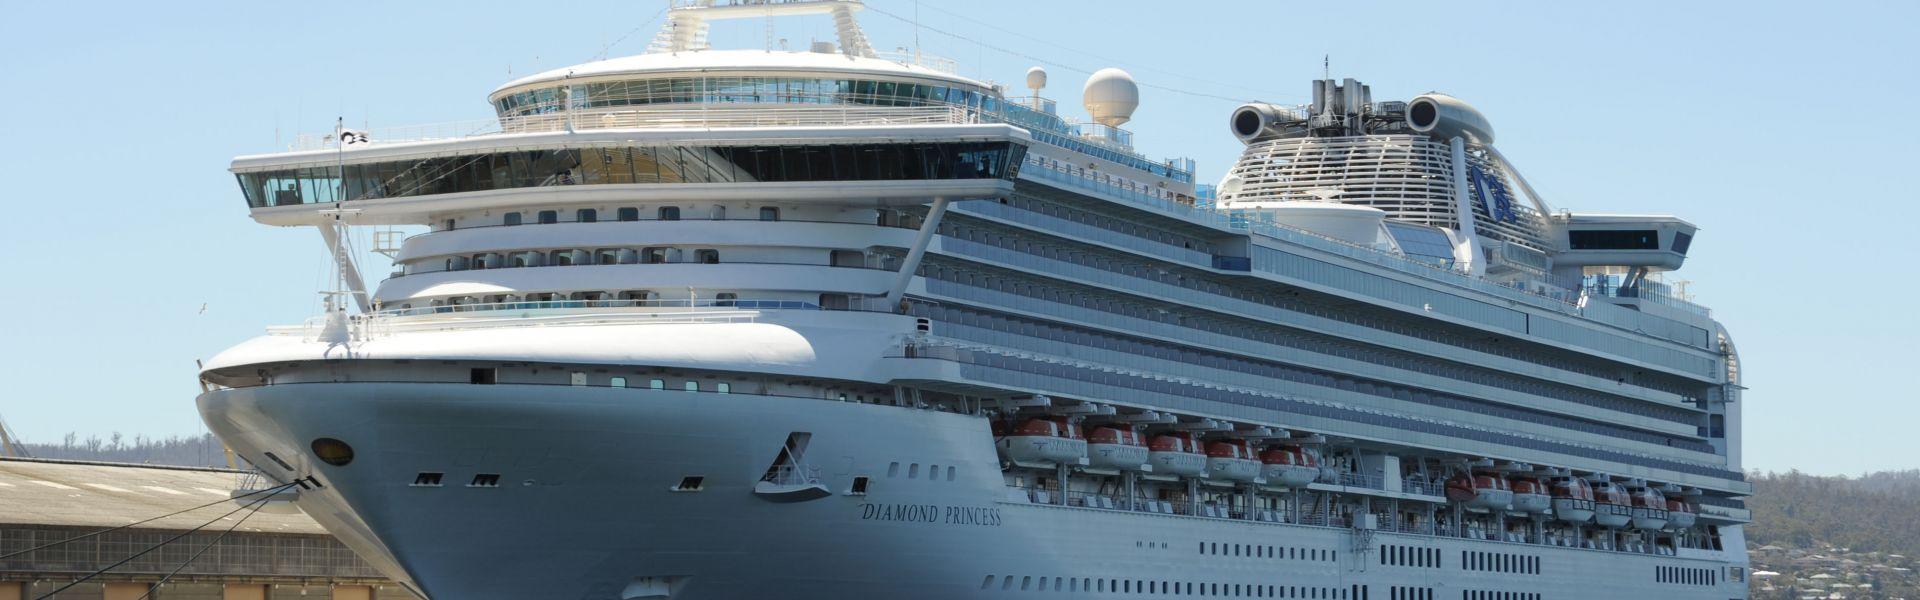 Croaziera 2018 - Asia de Sud (Yokohama) - Princess Cruises - Diamond Princess - 12 nopti